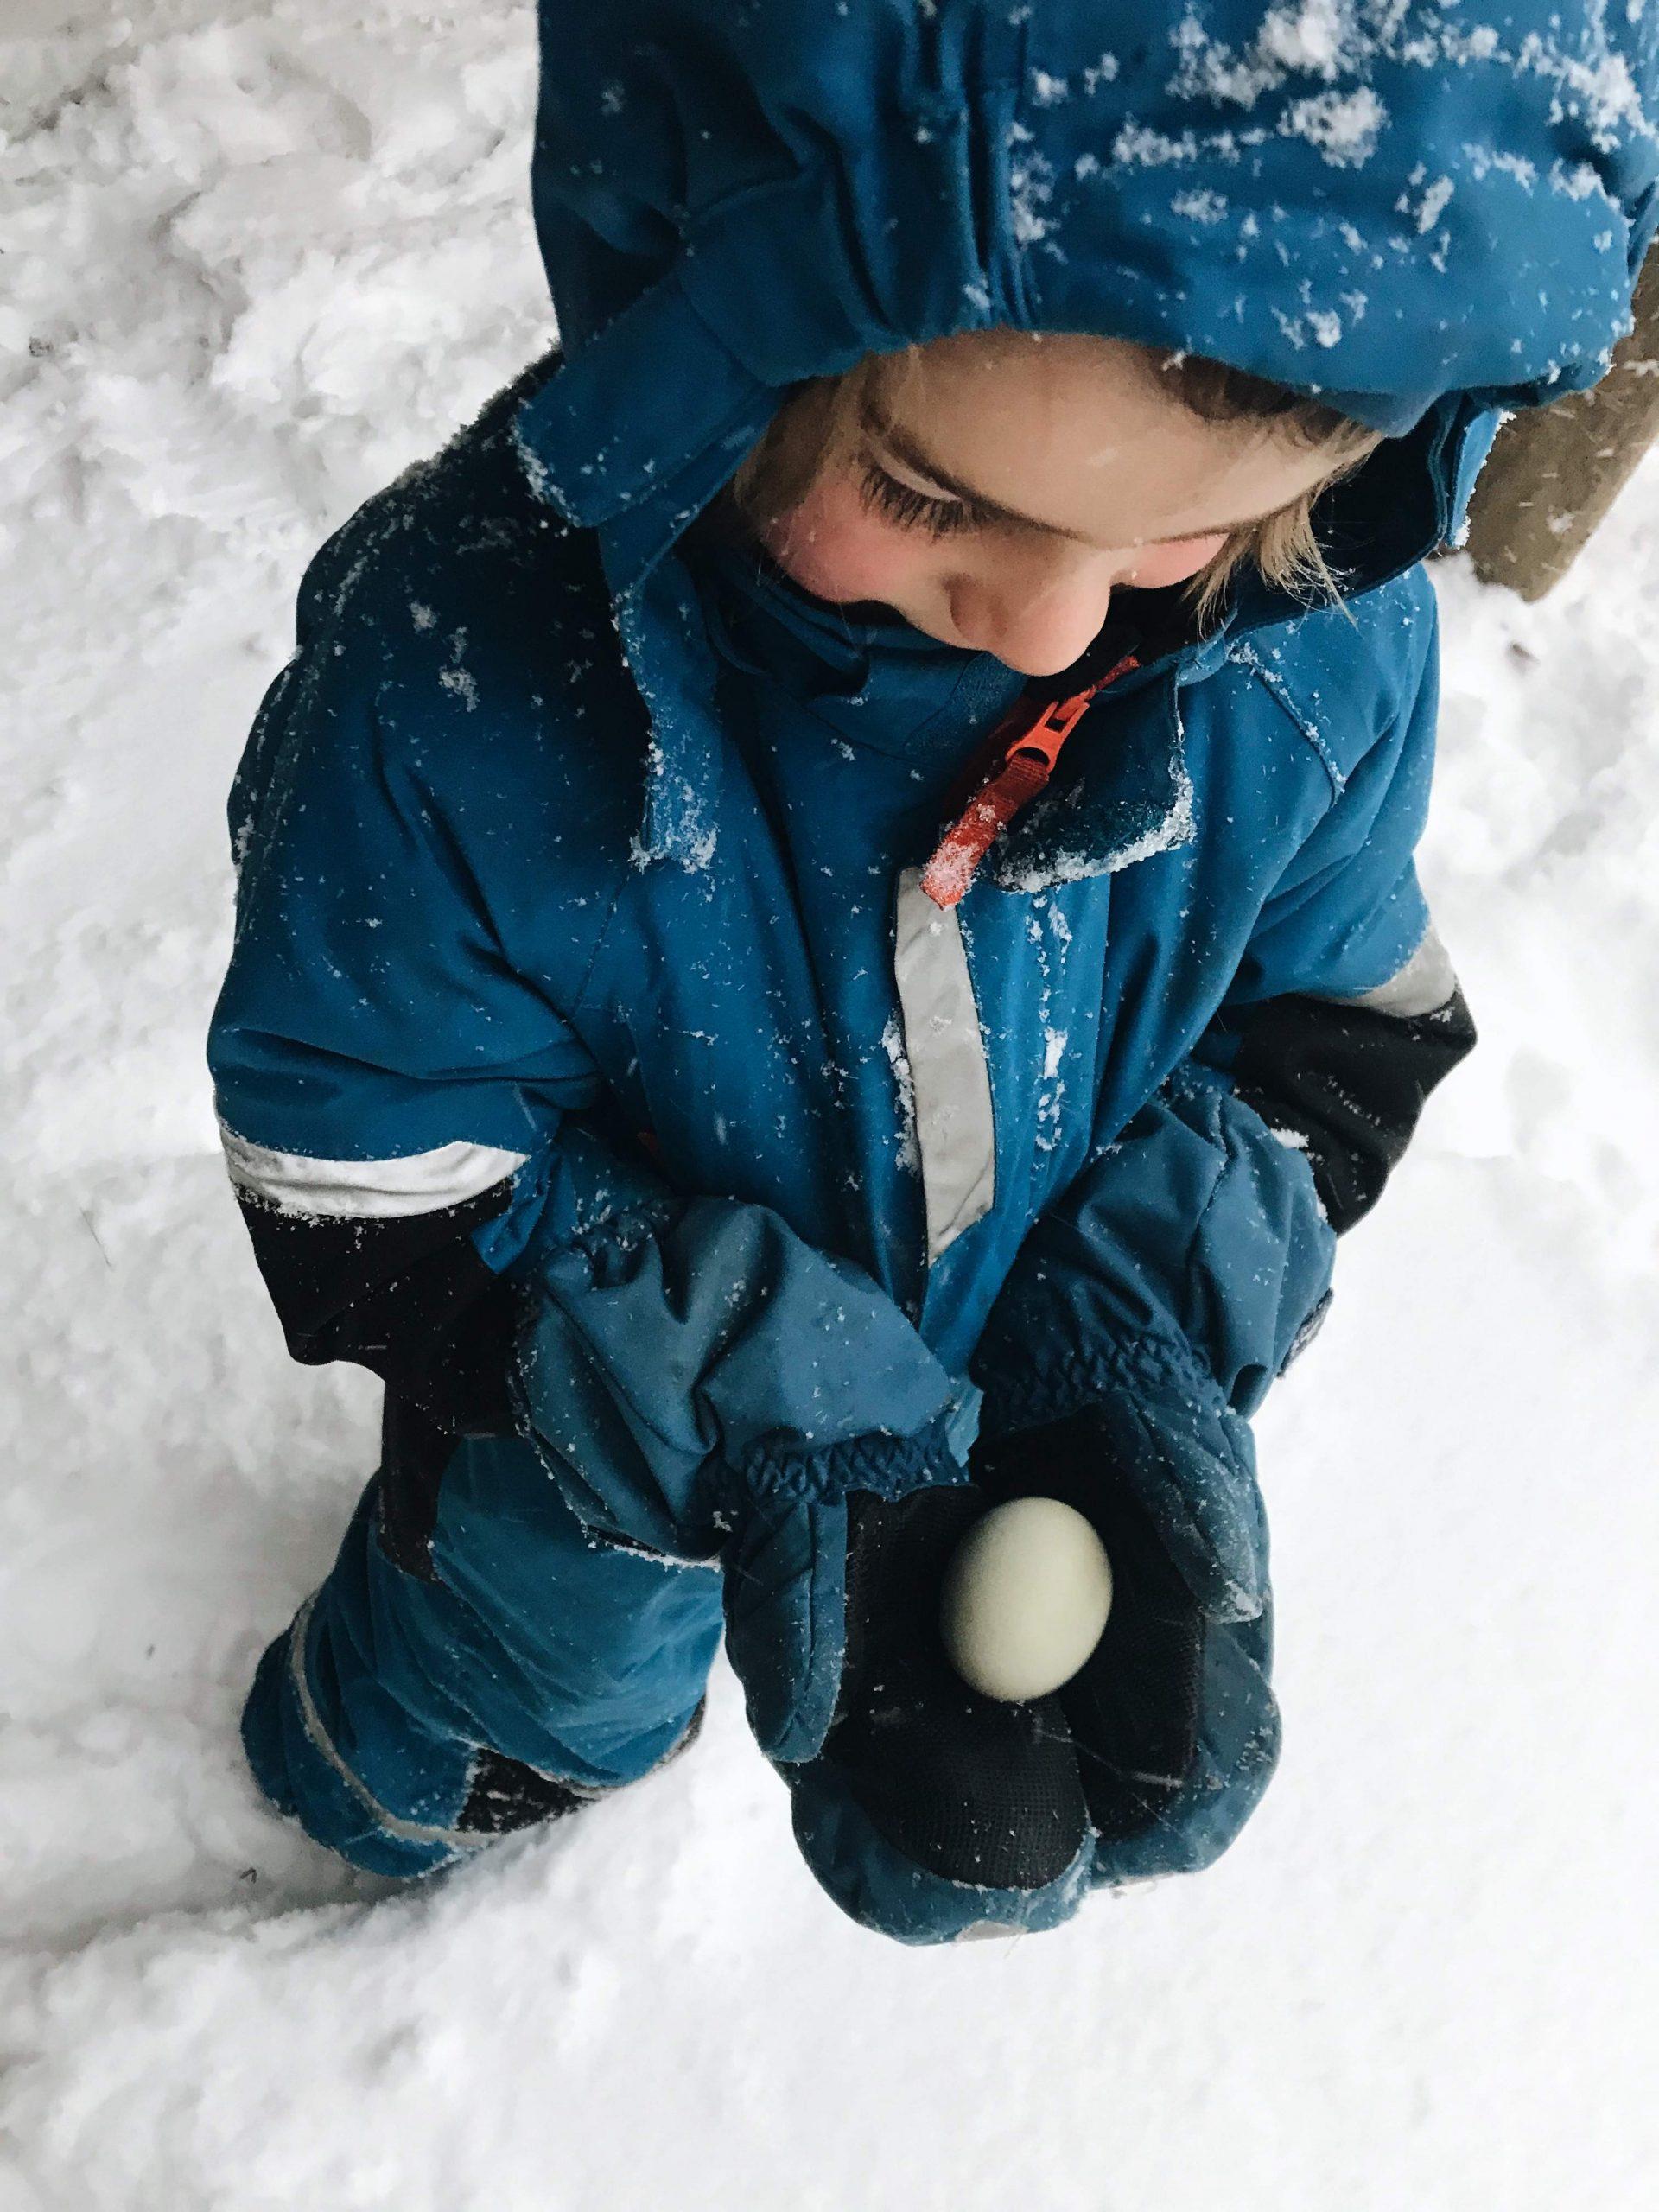 Boy holding an egg